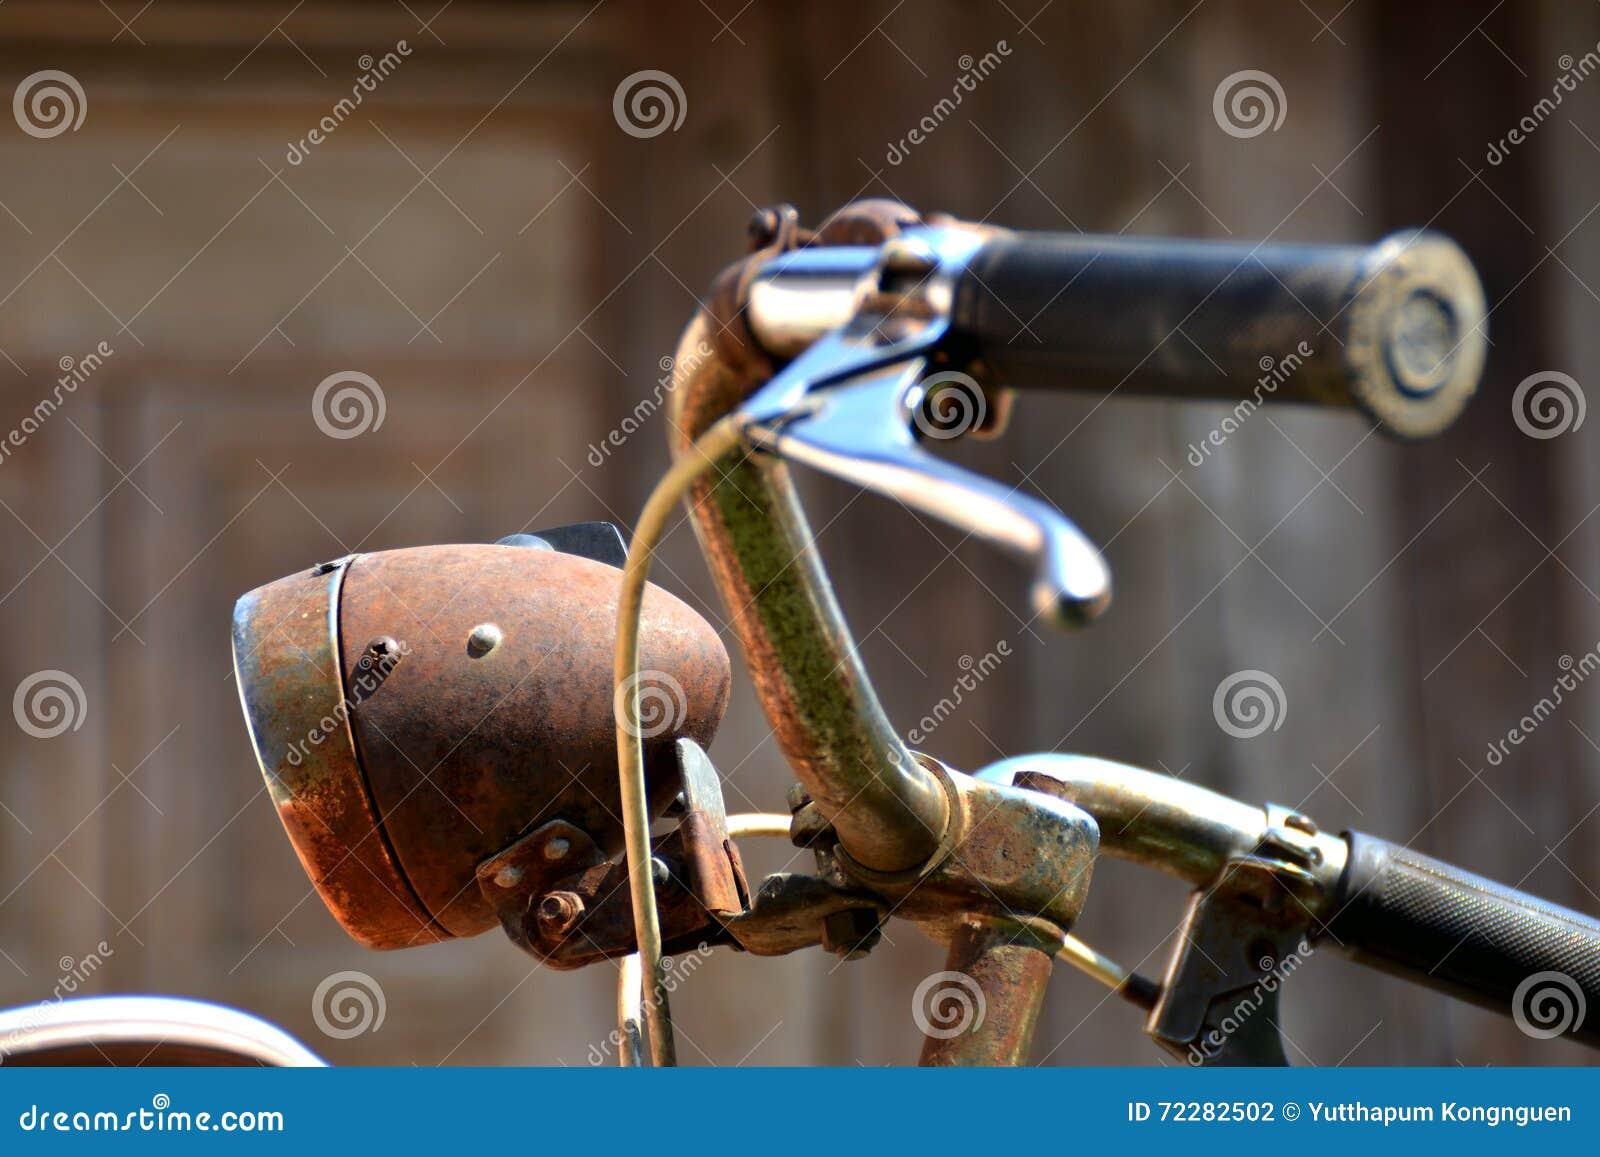 Download Винтажная предпосылка велосипеда и древесины Стоковое Фото - изображение насчитывающей экземпляр, деталь: 72282502